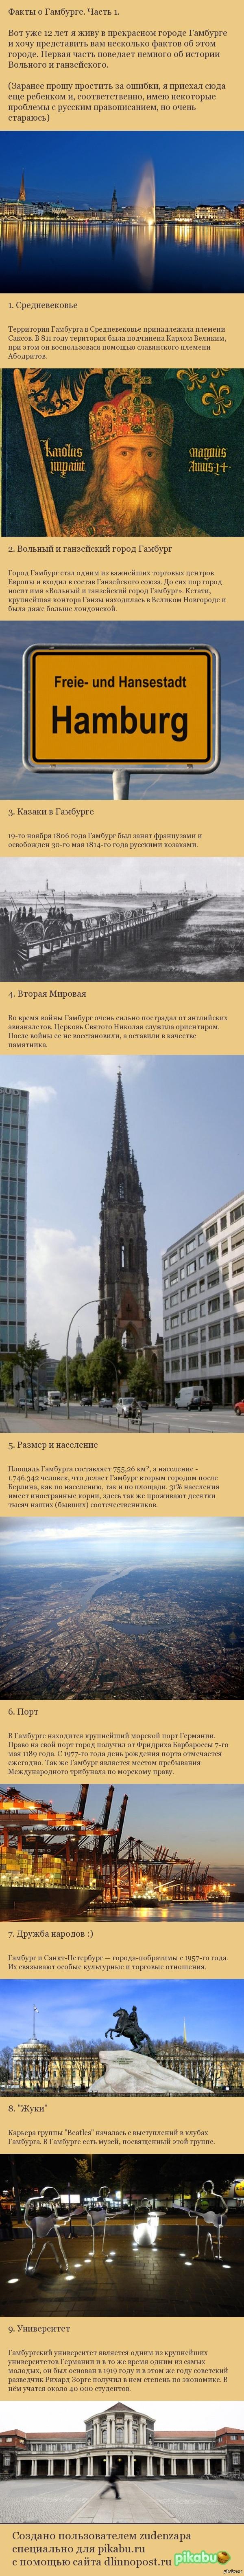 Факты о Гамбурге. Часть 1. Несколько фактов о немецком городе Гамбург. Первый пост на пикабу, не судите строго :)